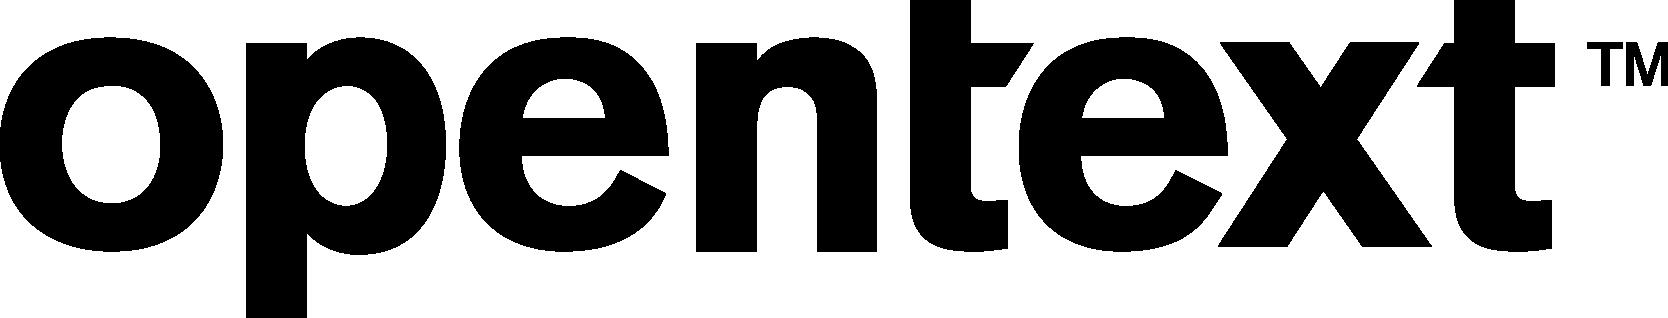 opentext-logo.png